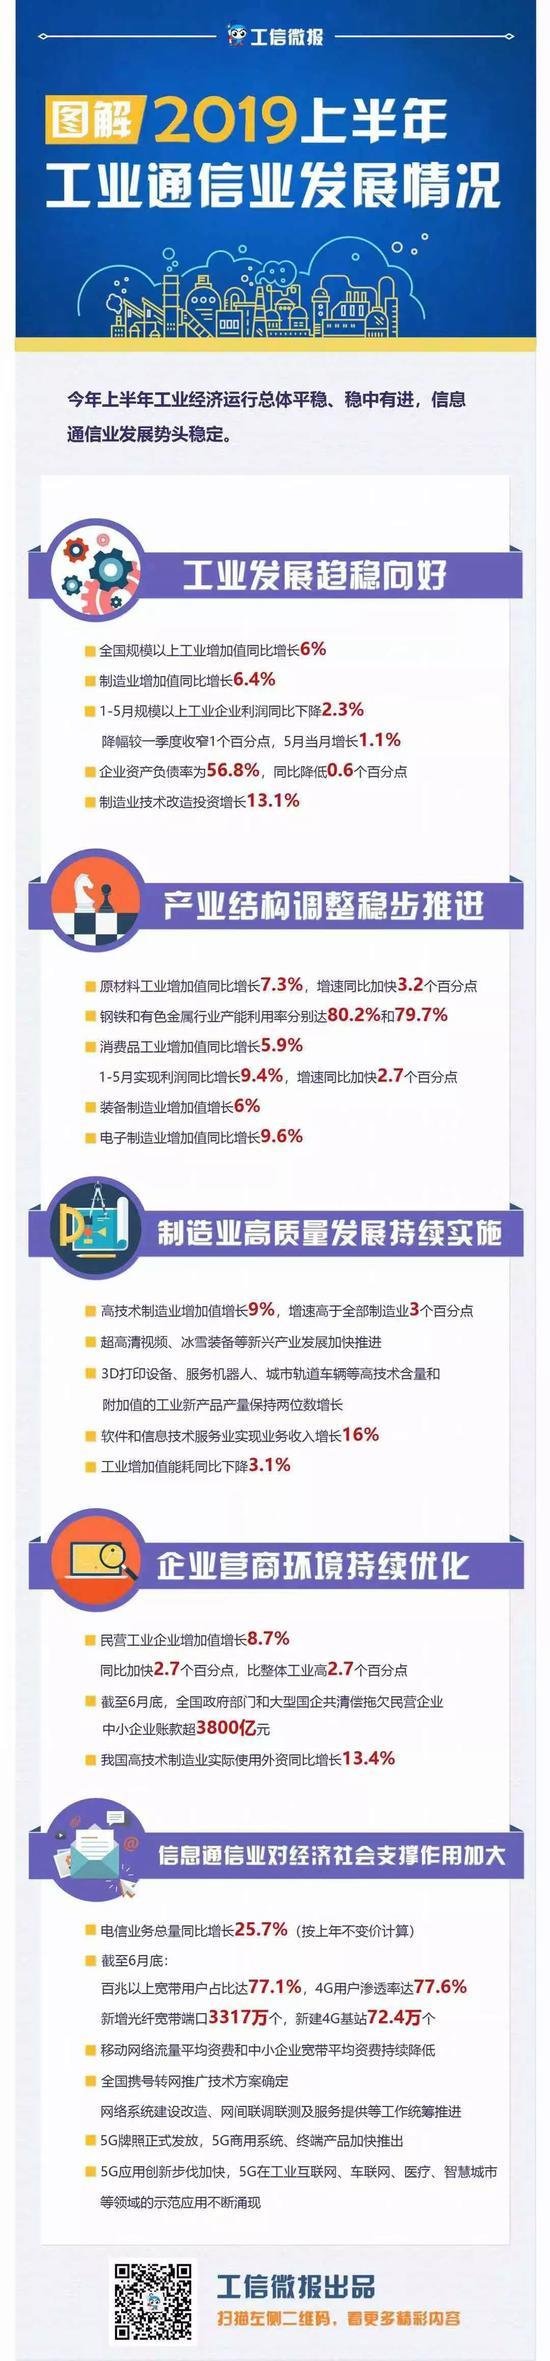 工信部:截至6月底4G用户渗透率达77.6%